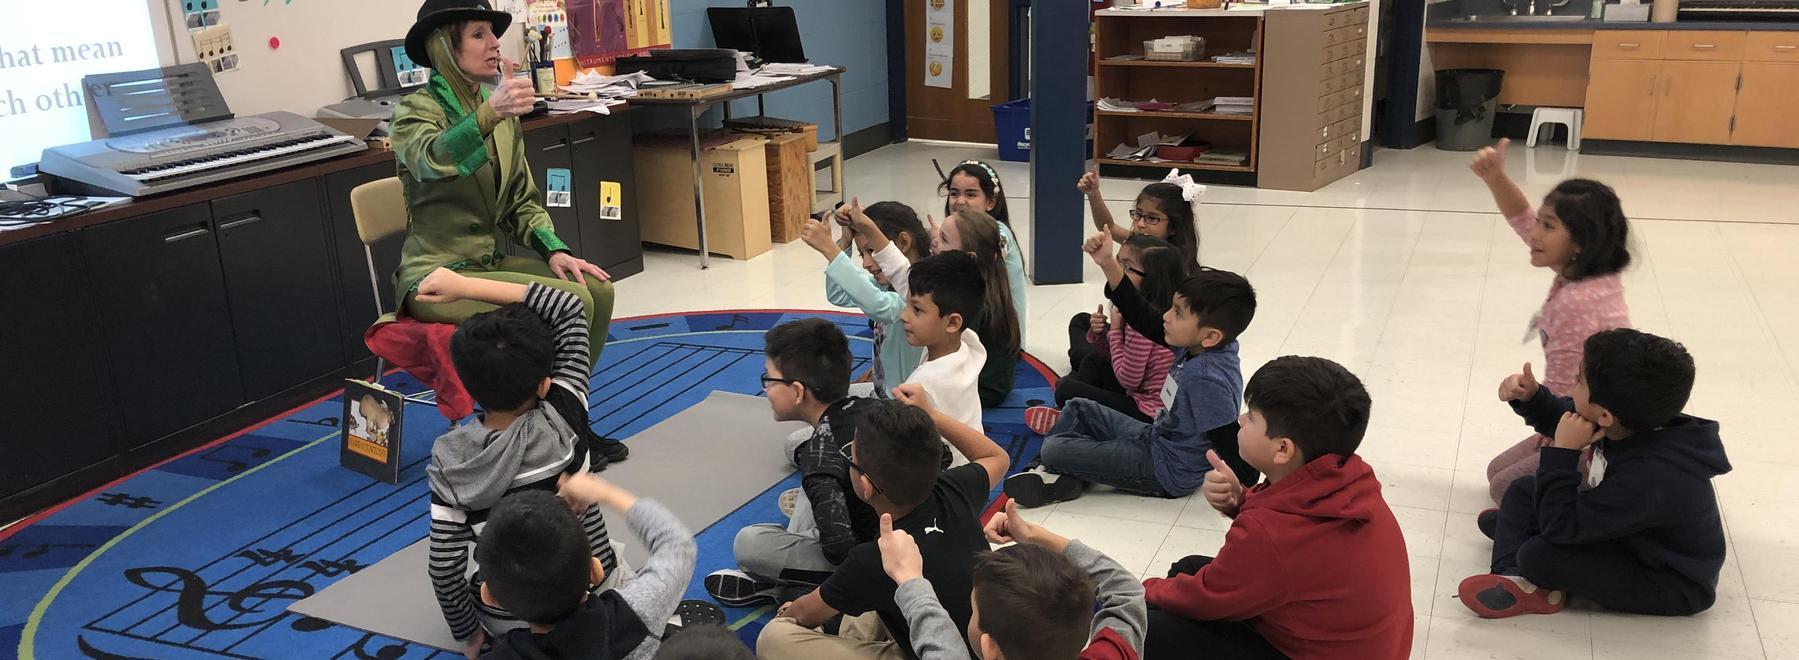 Salt Creek Ballet class with 2nd graders